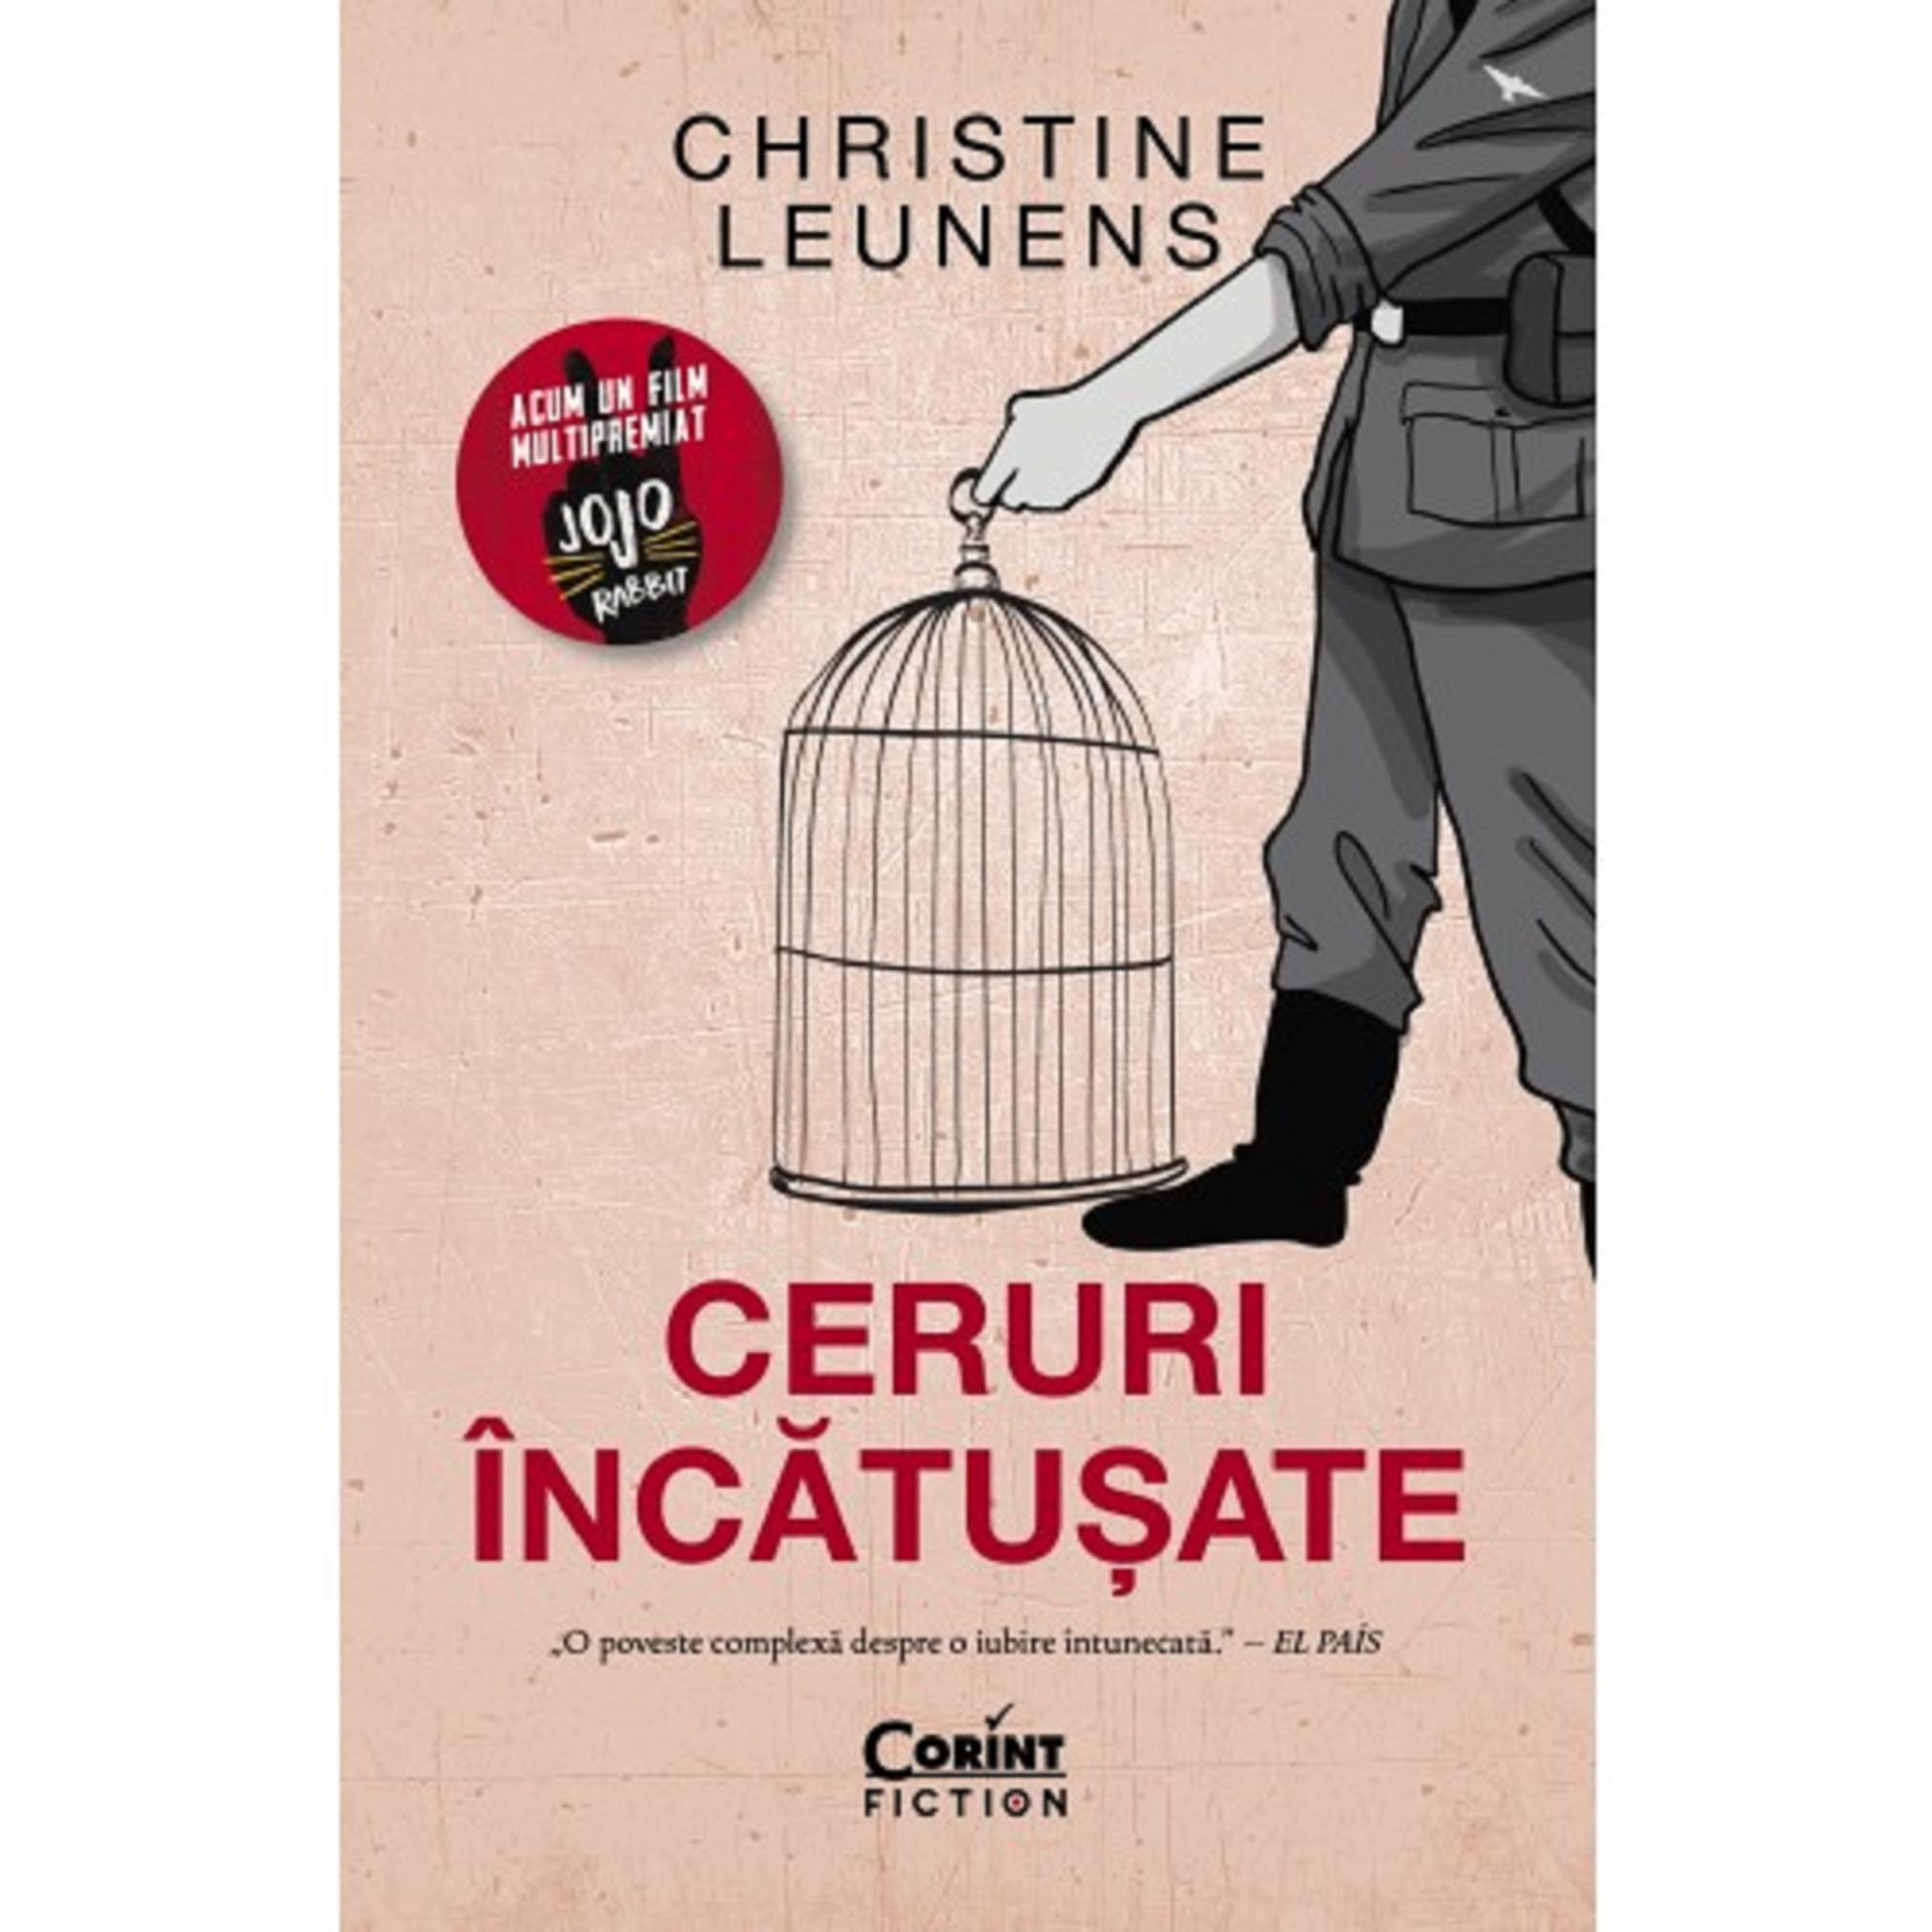 Ceruri incatusate | Christine Leunens